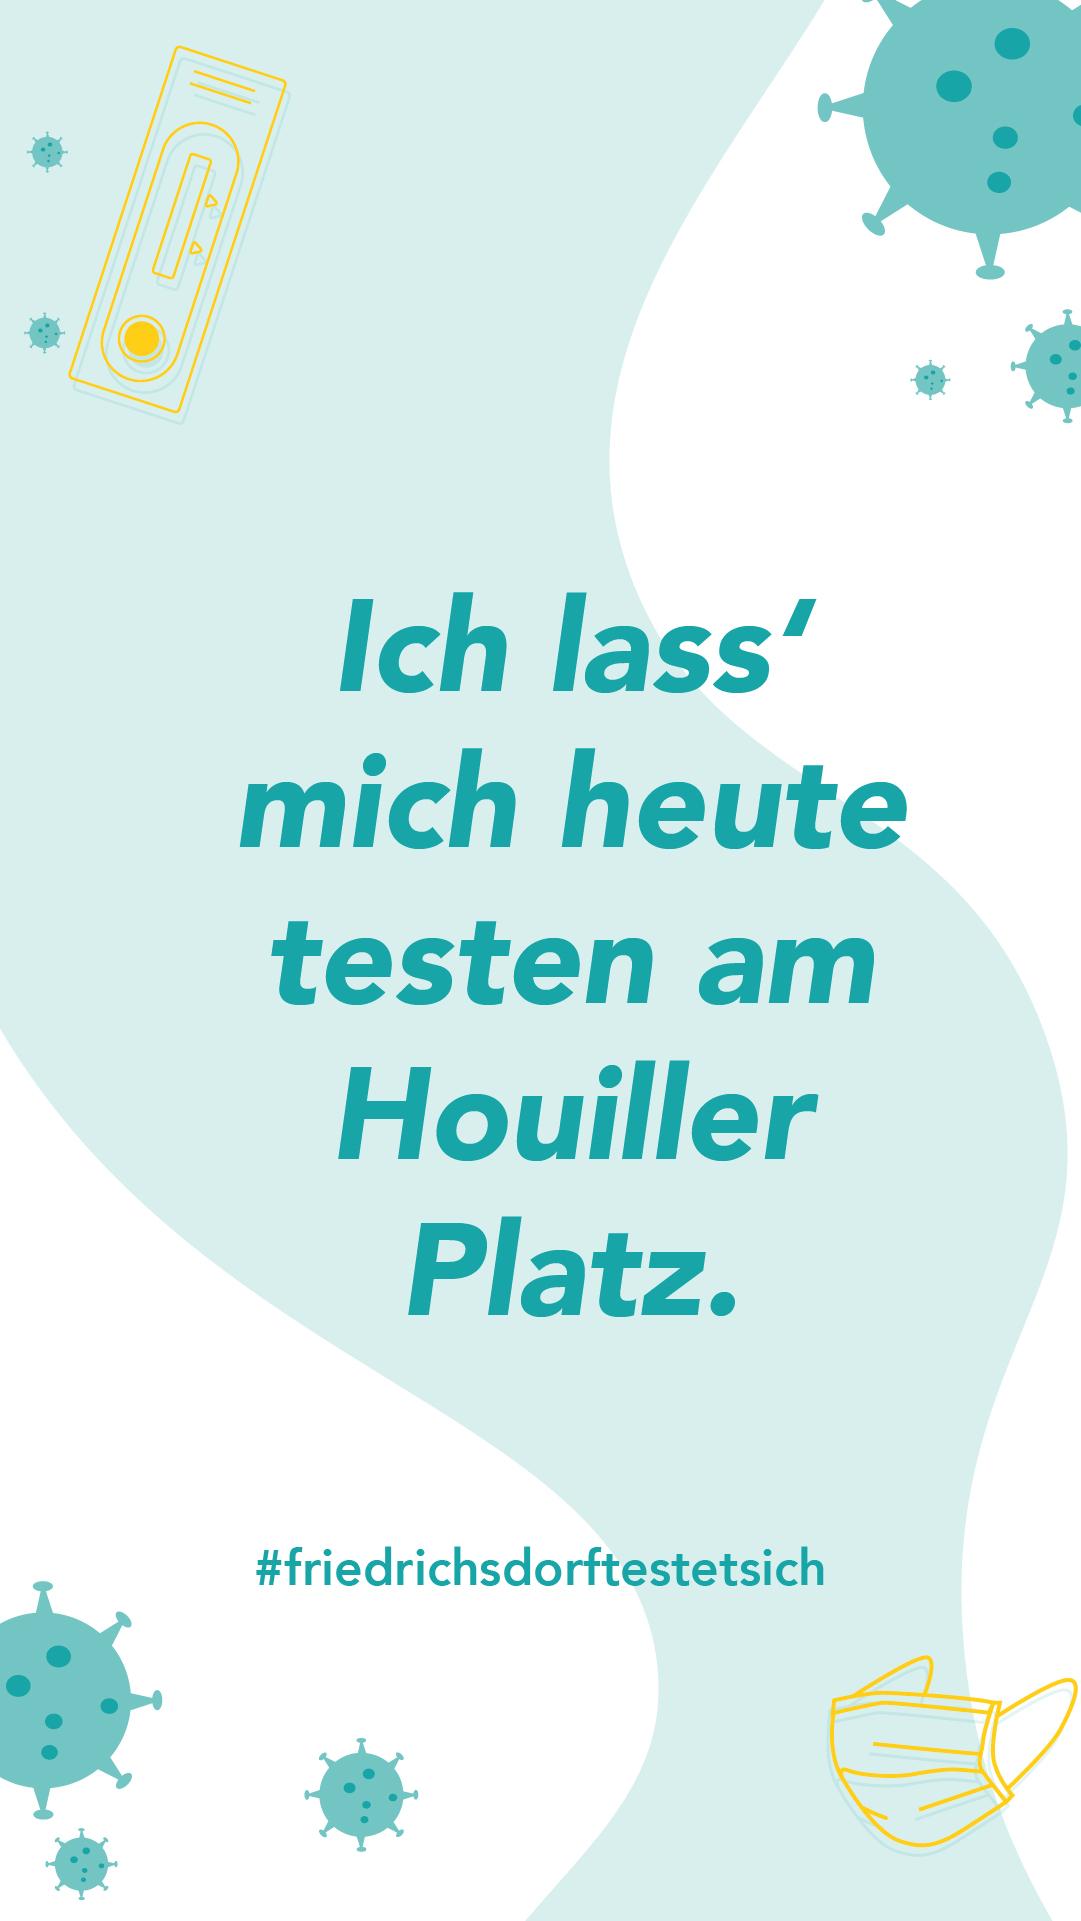 ich-lass-mich-heute-testen-am-houiller-platz